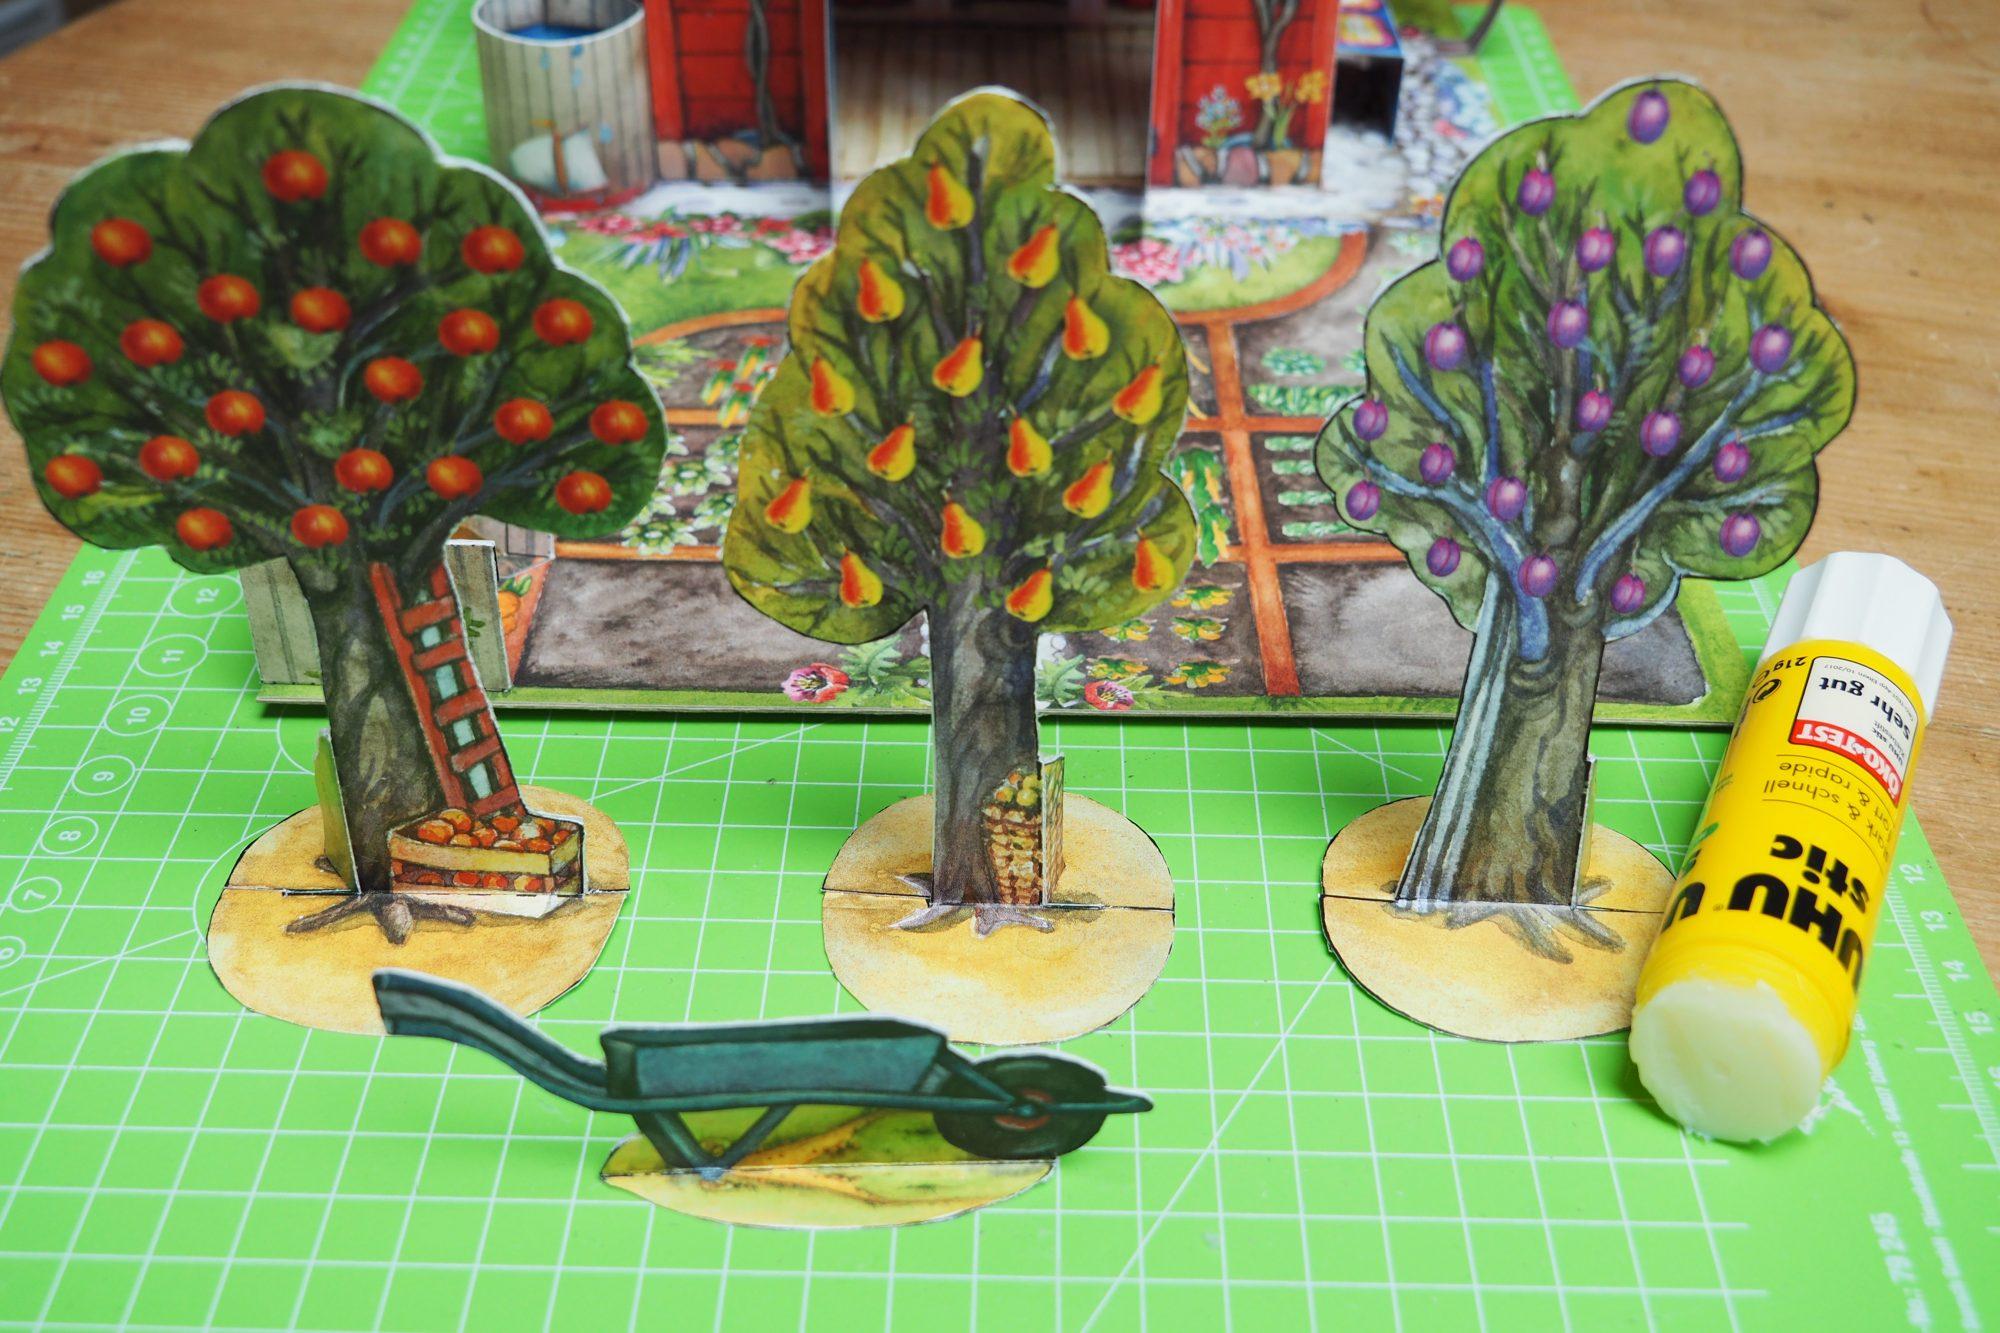 Bastelbogen Garten BUGA für Kinder zum Basteln und Spielen aus Papier